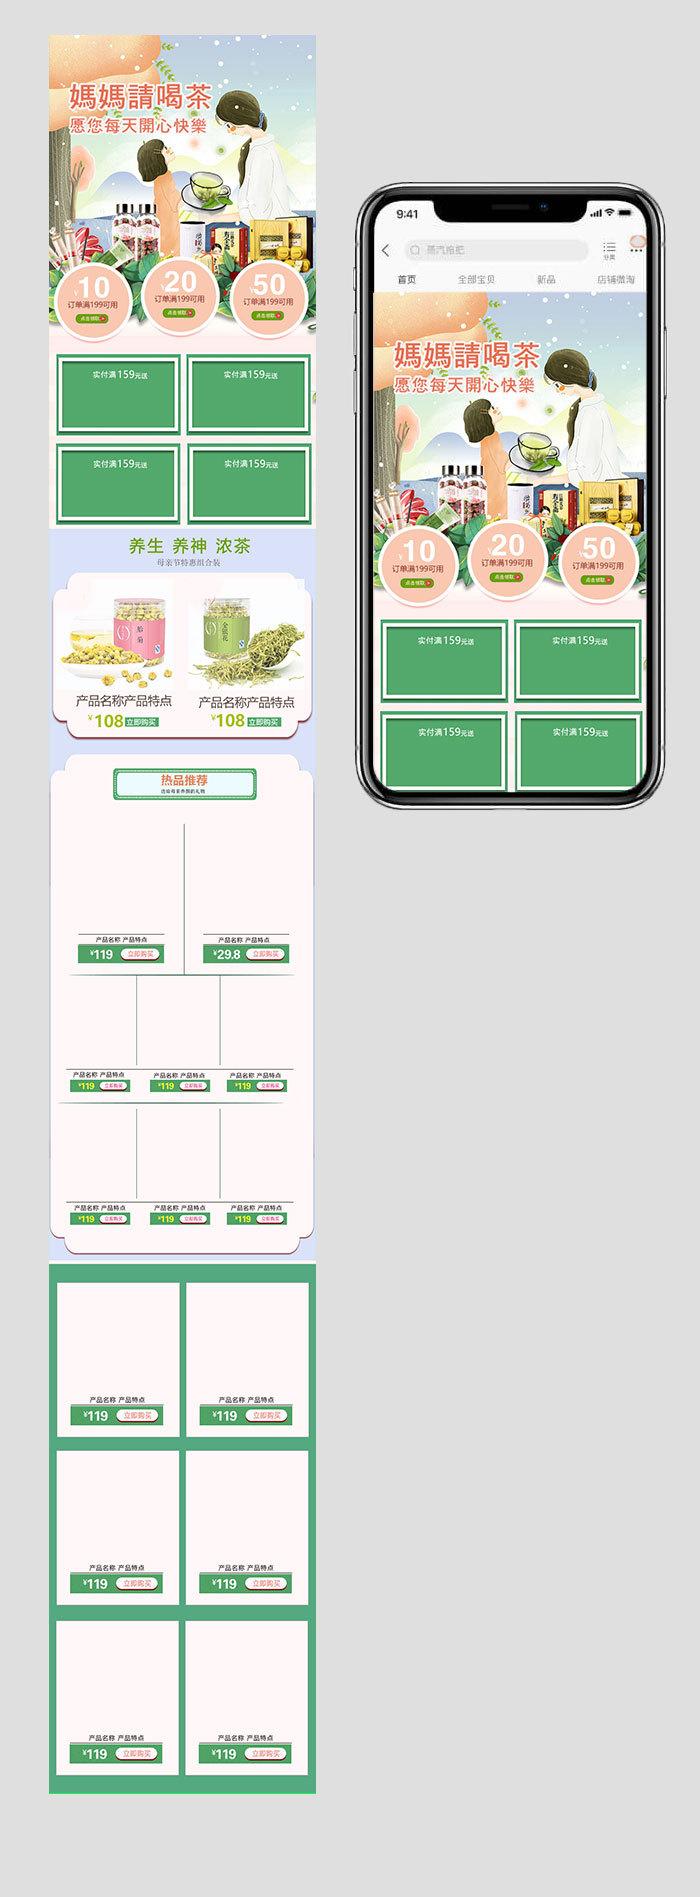 茶淘宝手机端模板